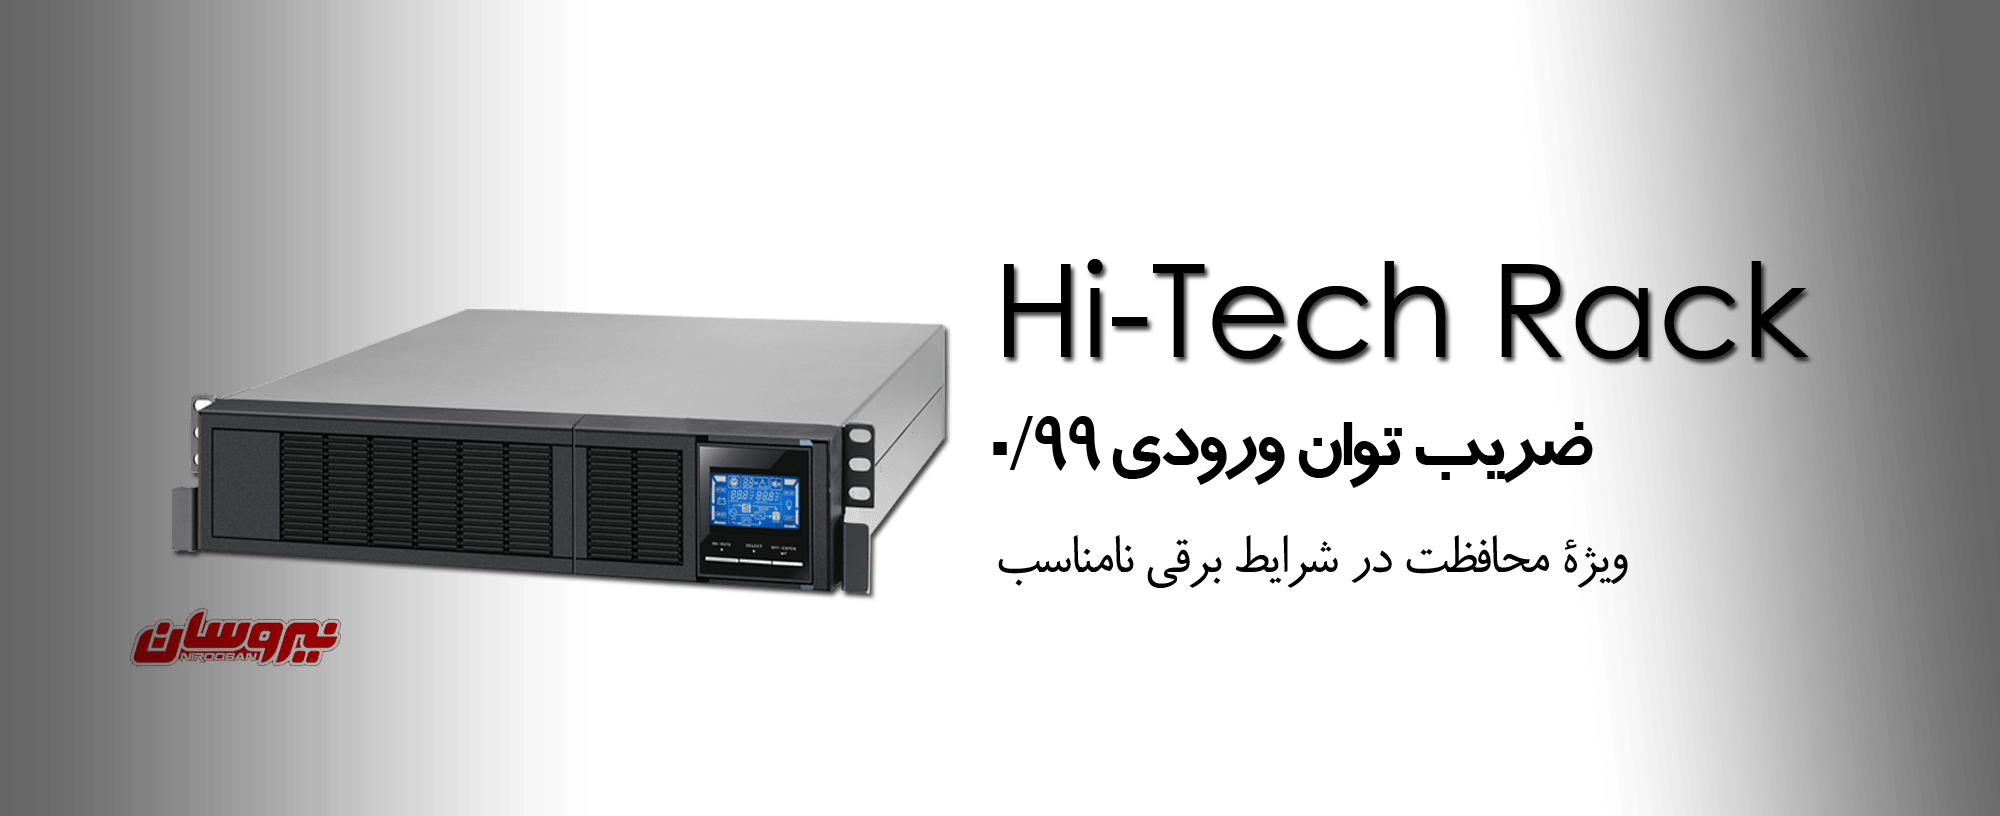 hi-tech rack